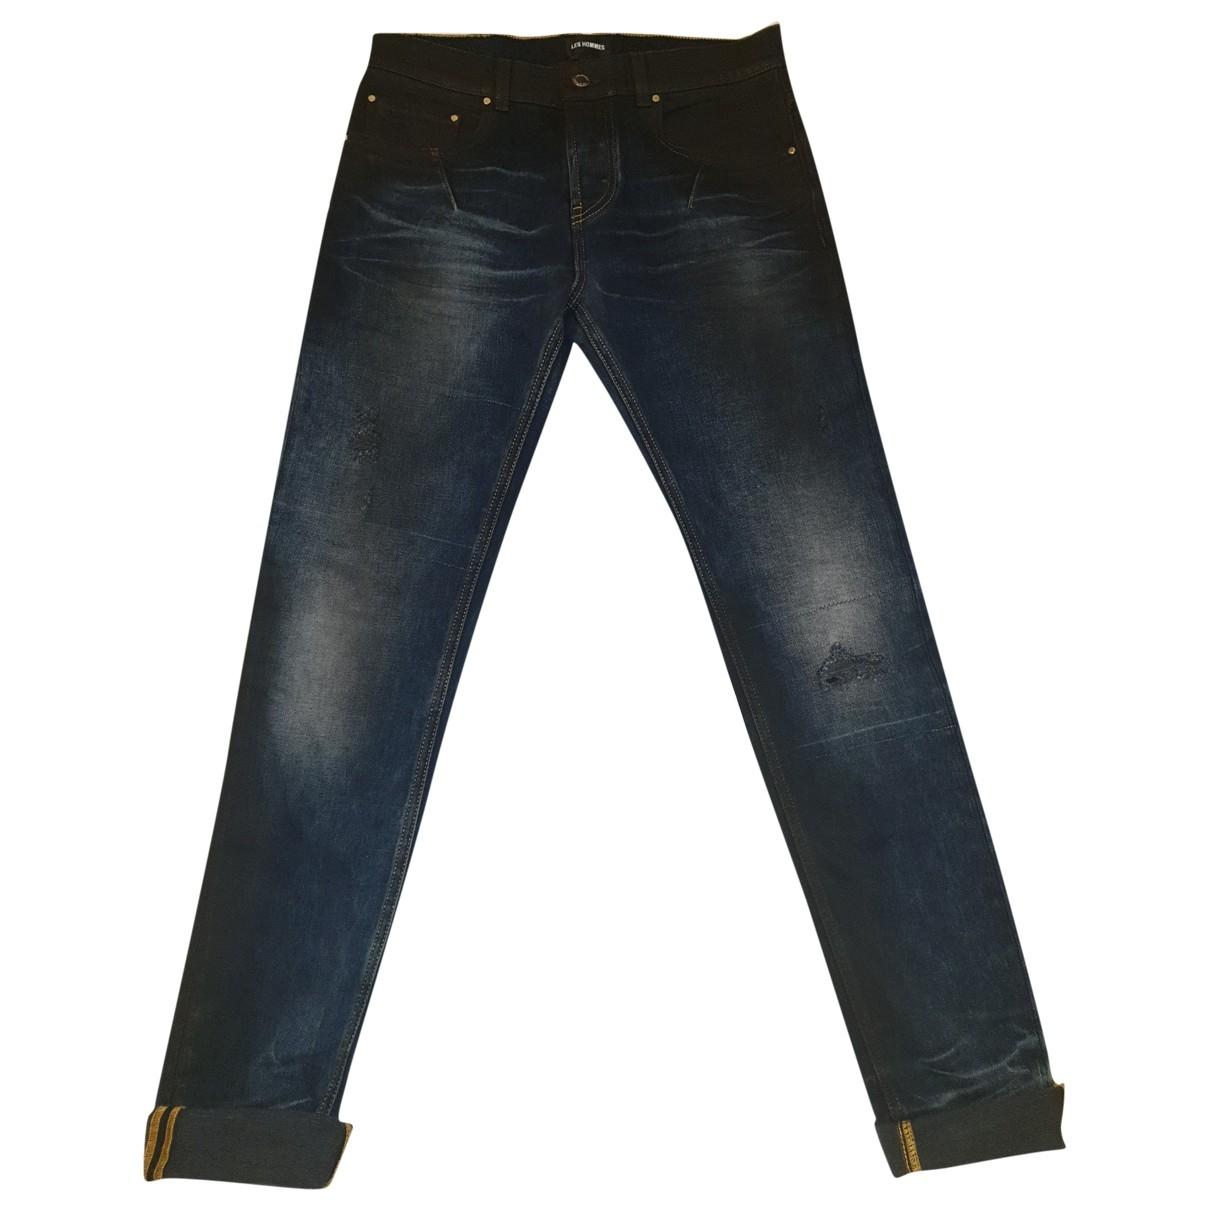 Les Hommes \N Jeans in  Blau Baumwolle - Elasthan